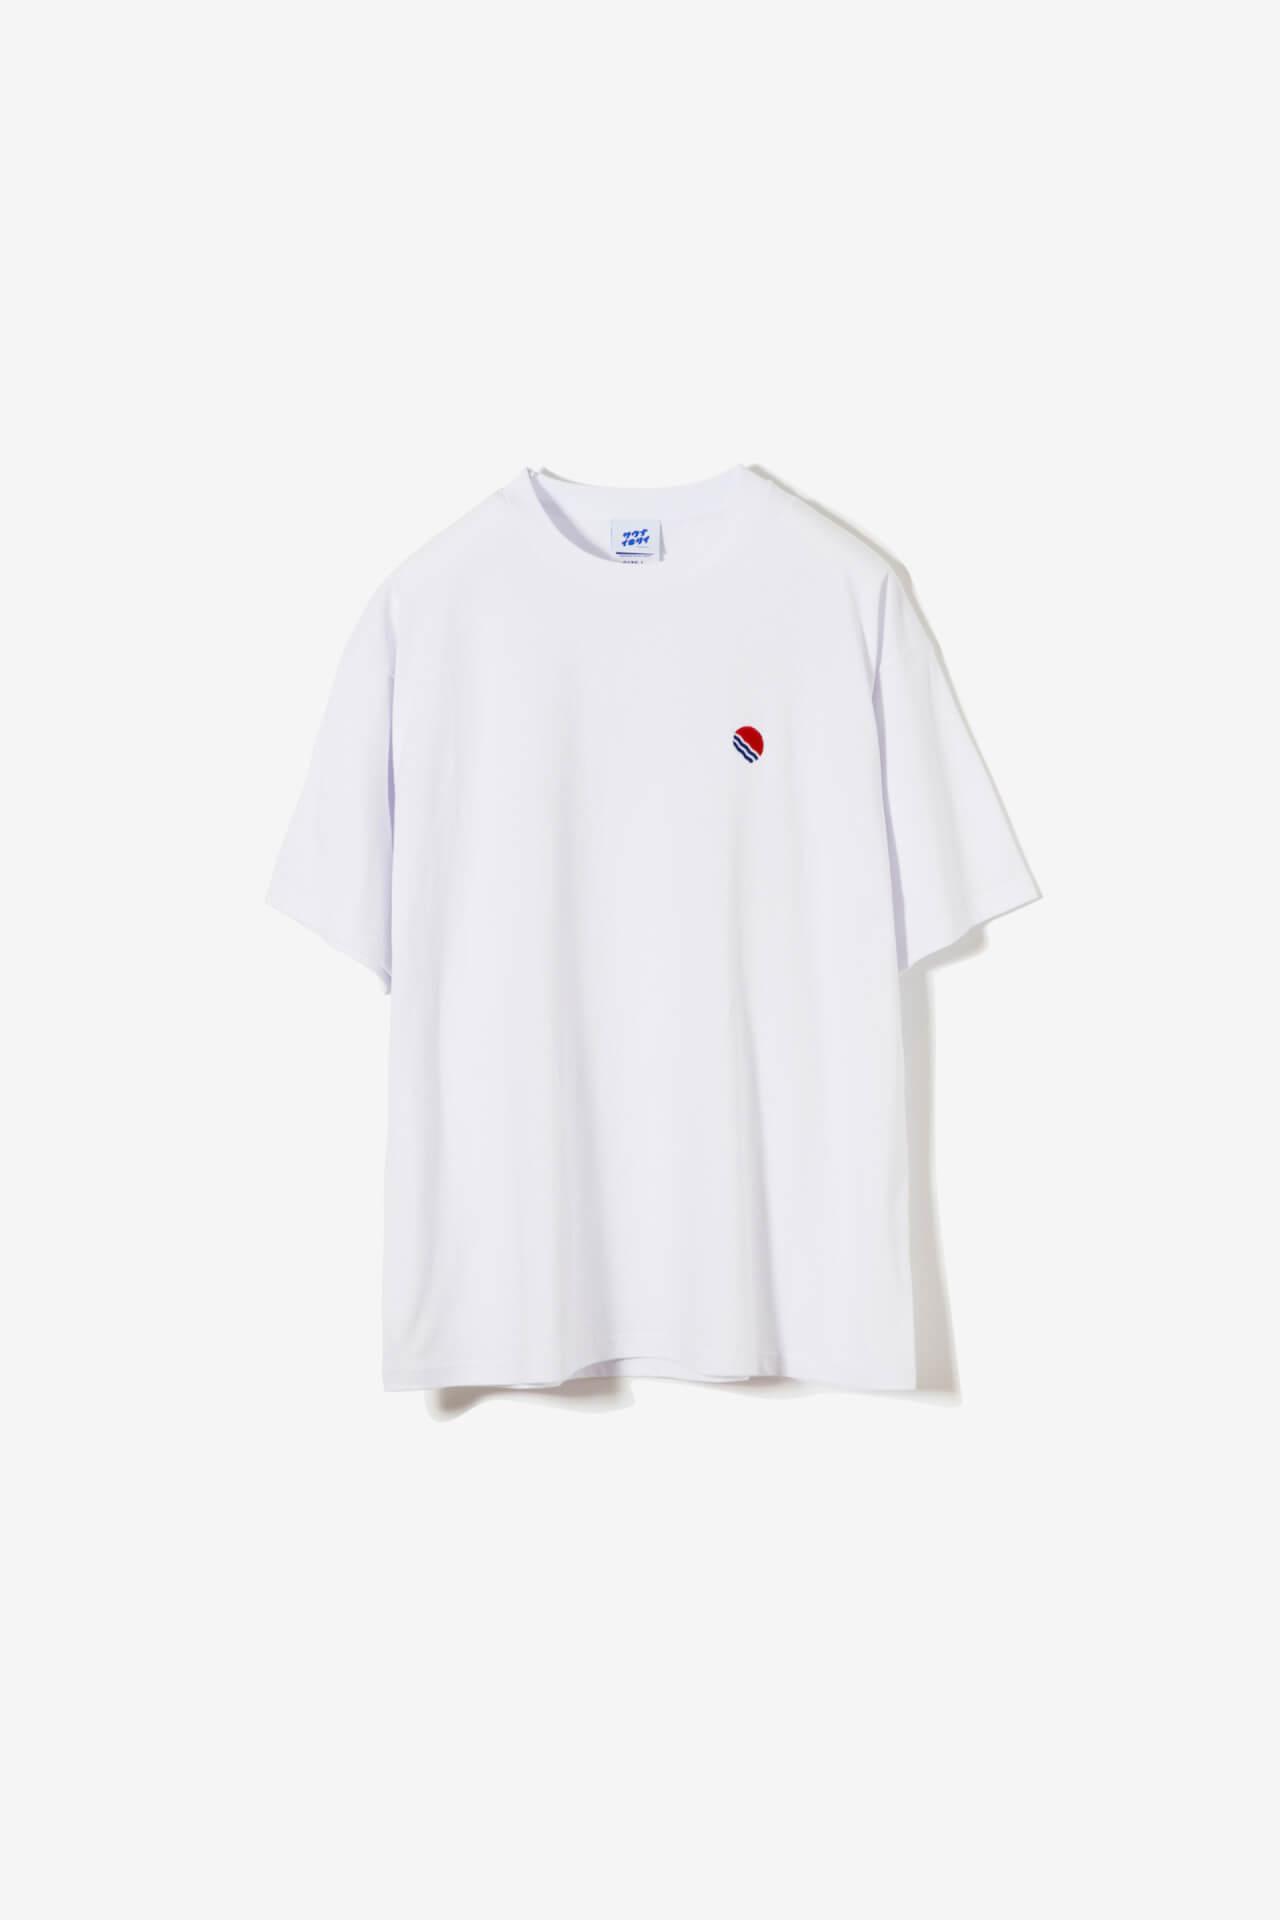 サウナイキタイのサウナグッズ2021年夏バージョンが発売!ペリカンシャツ、サコッシュなど5アイテムが登場 life210729_saunaikitai_10